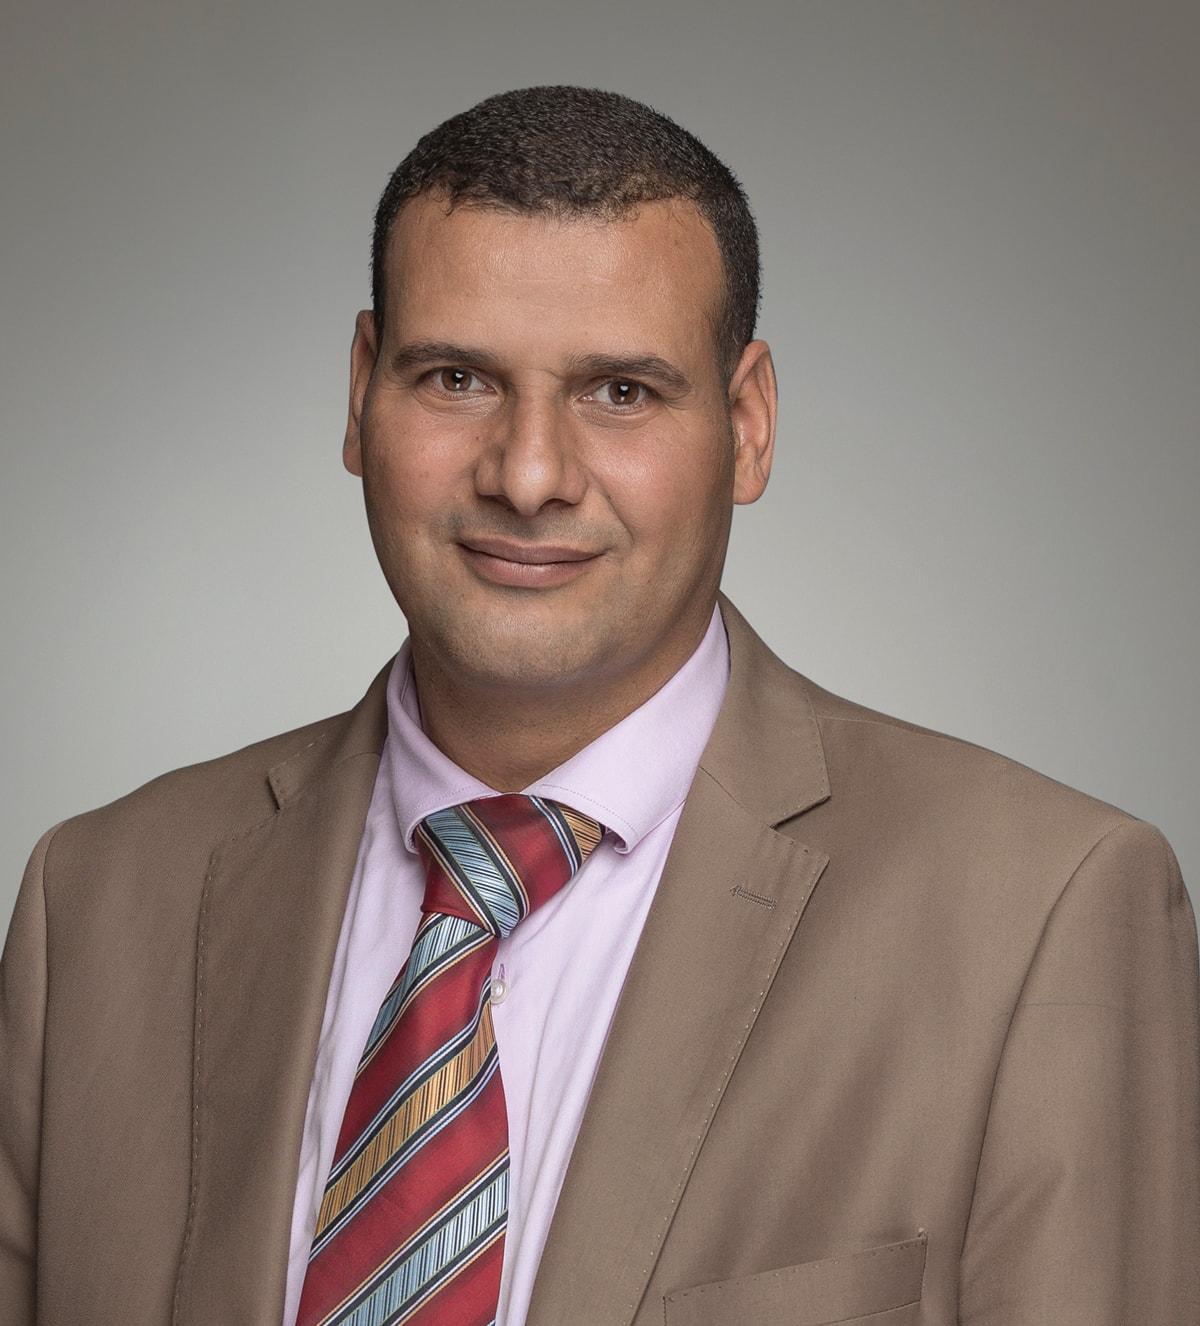 Rafaat Abdelaal